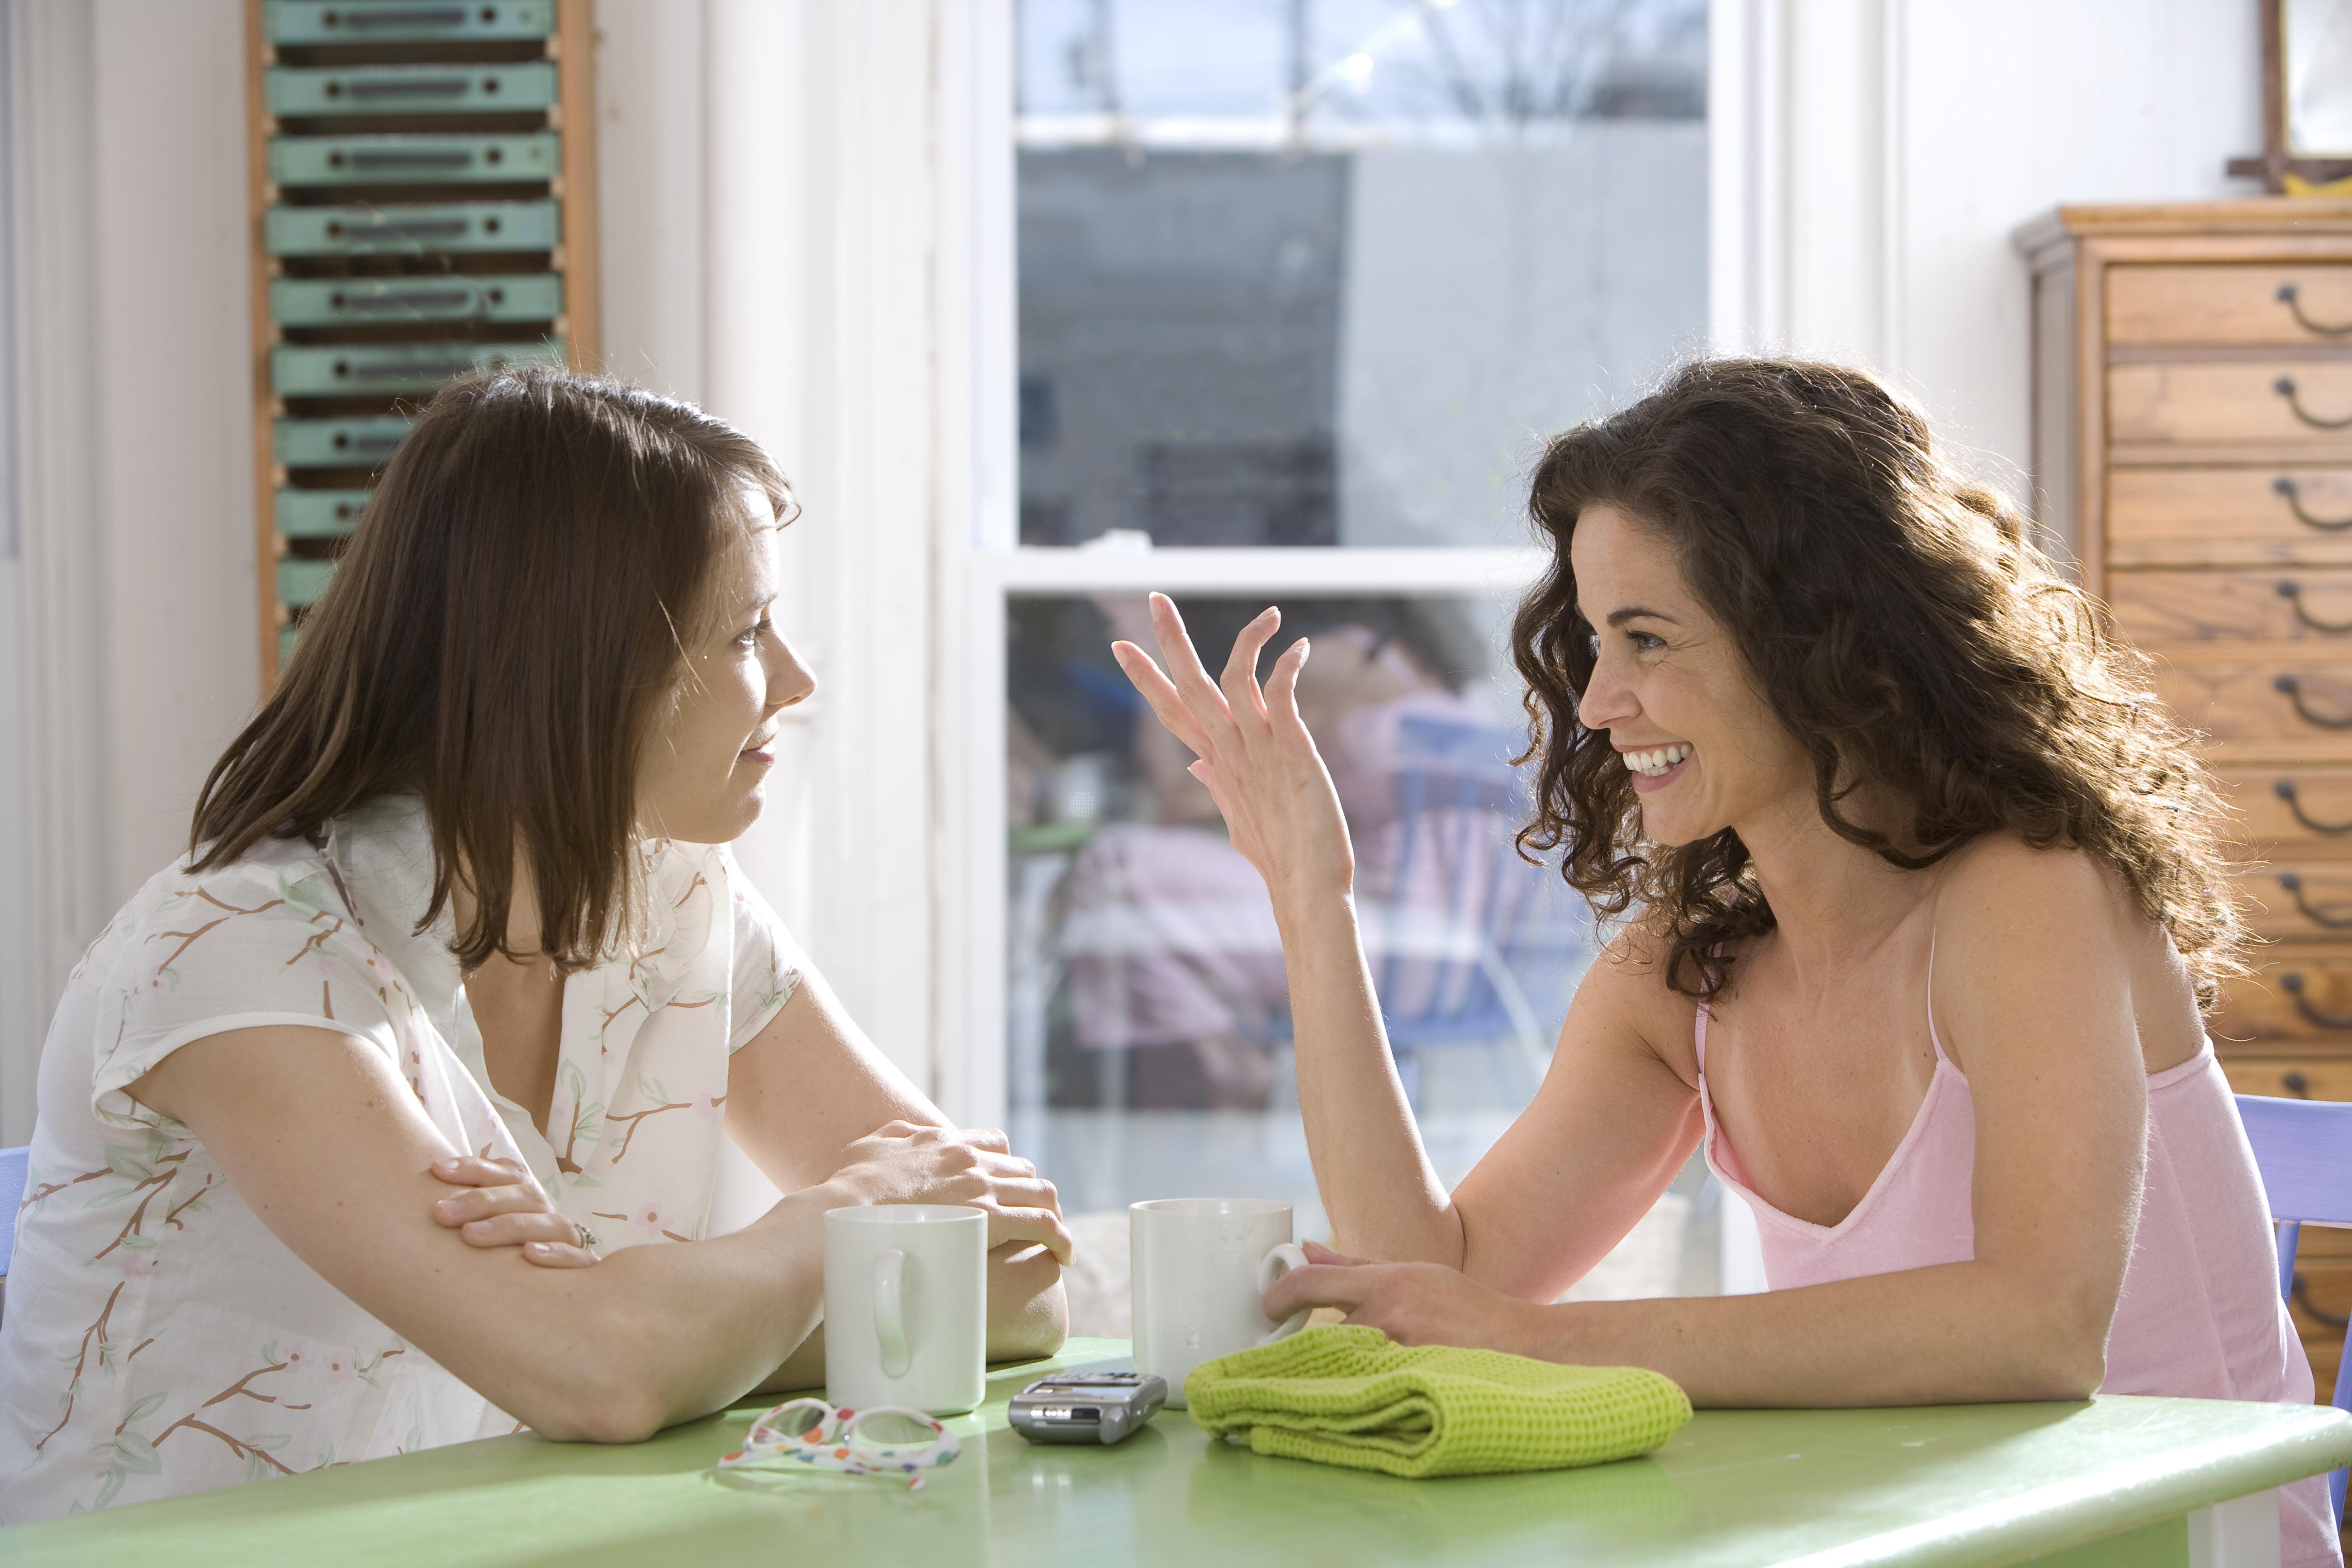 смотреть красивых девушек и общаться - 1